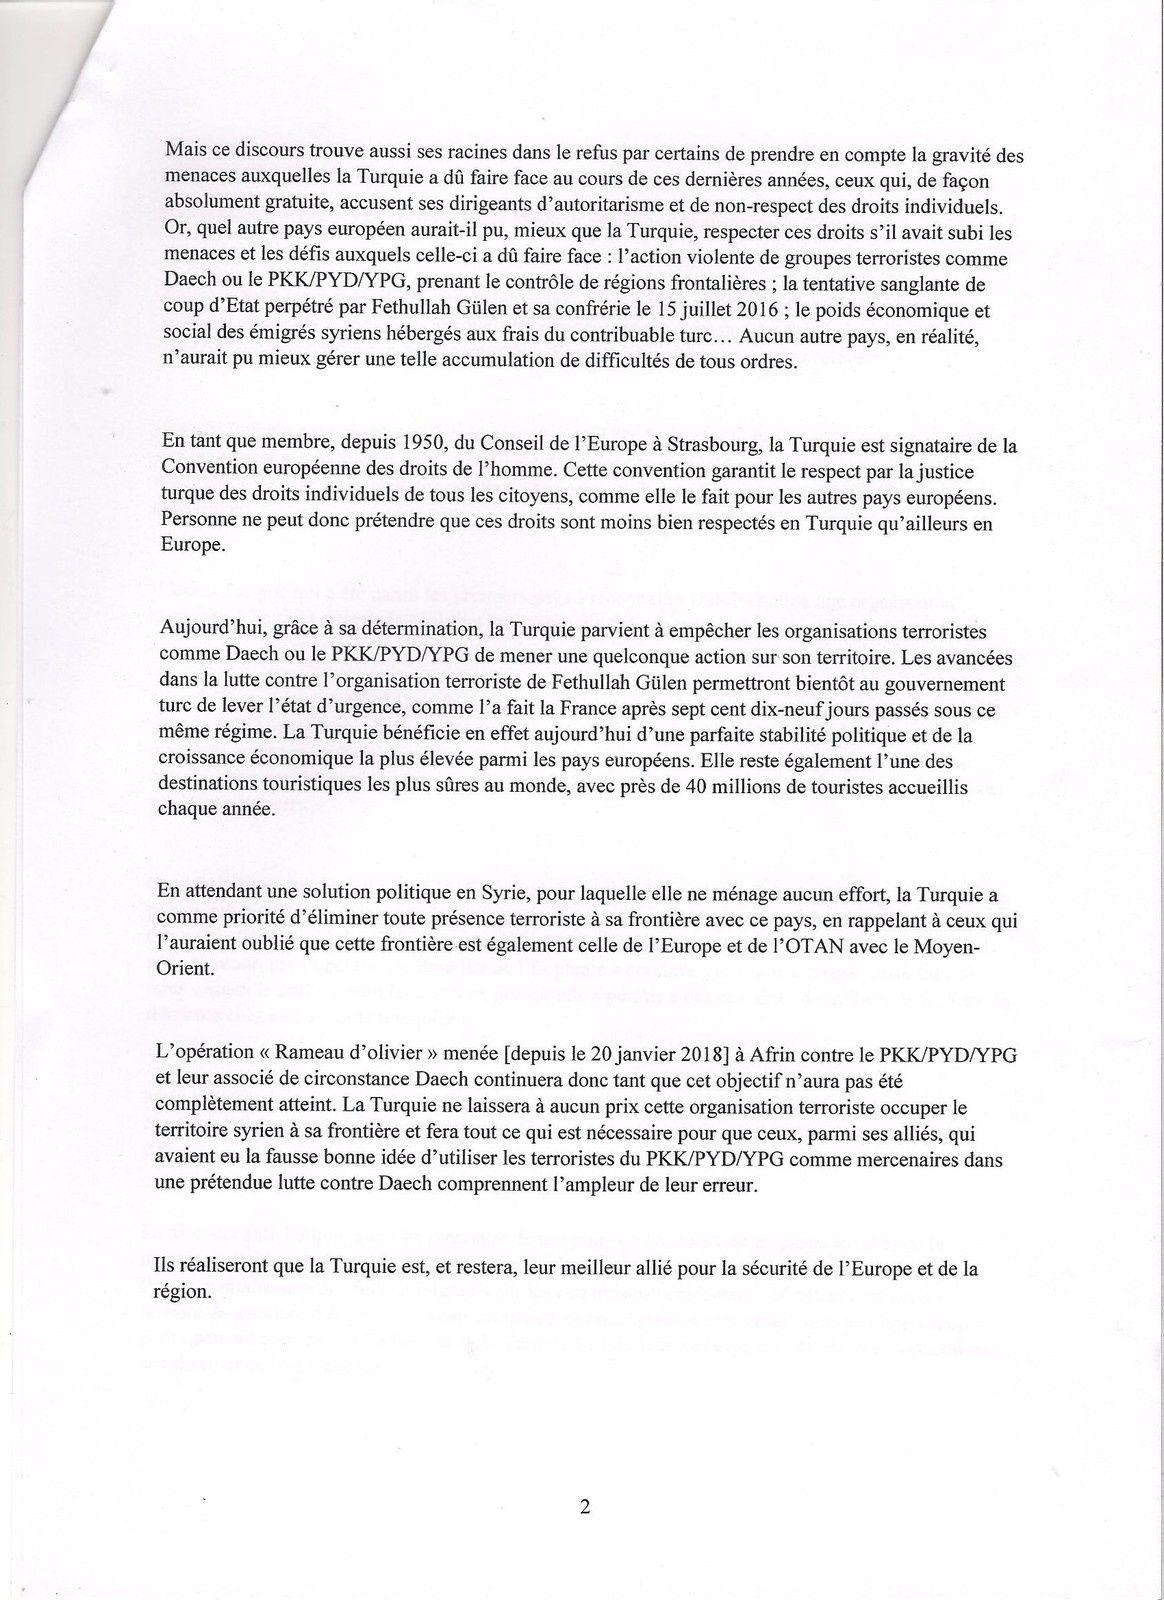 INTERDEPENDANCE TURQUIE - UE ? : INTENTION REPETEE DE MARIAGE MAIS FIANCAILLES TROP LONGUES